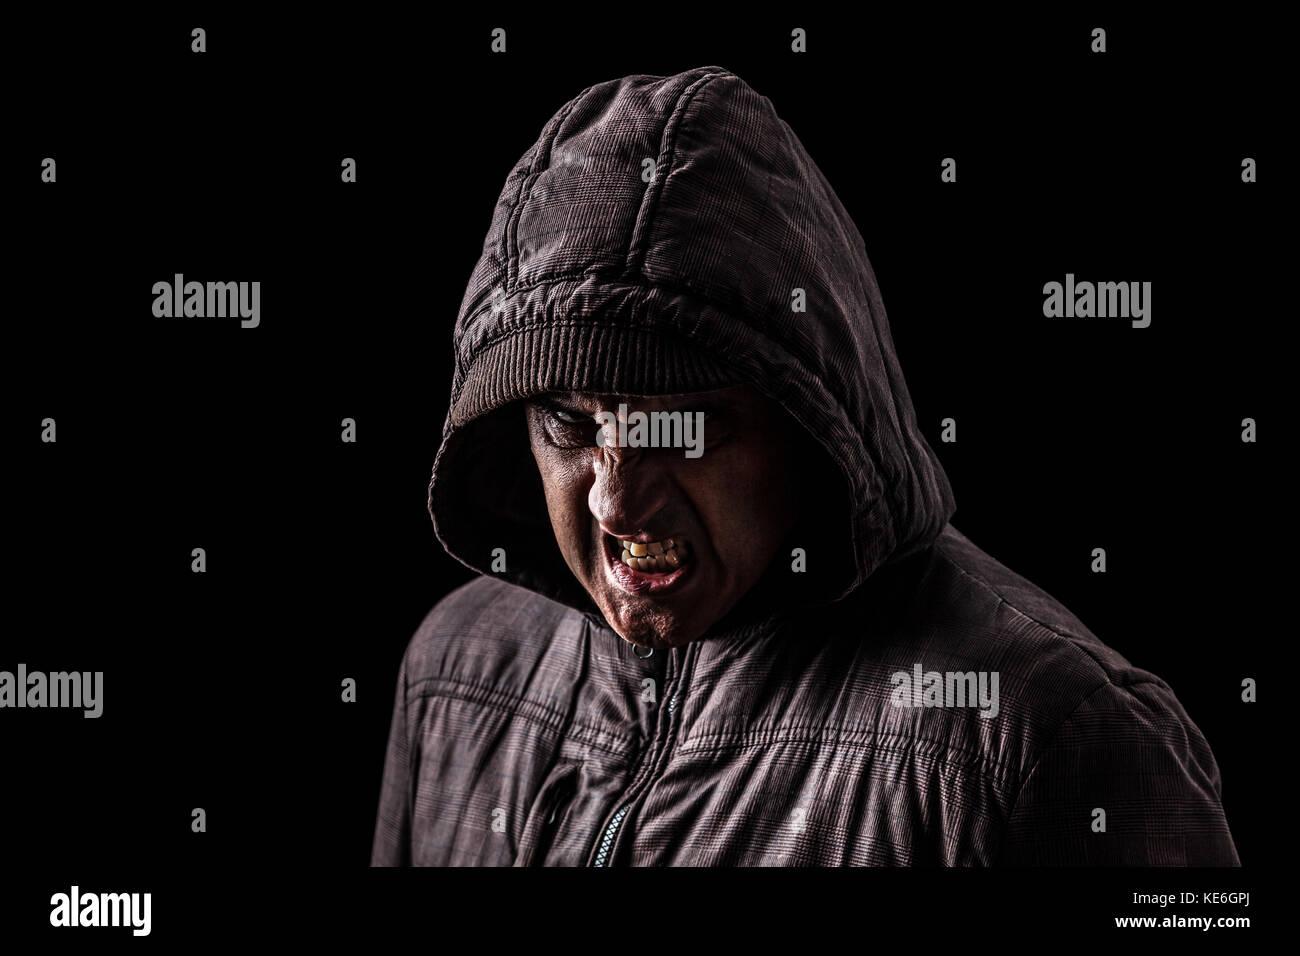 Muy enojado, agresivo, raro hombre ocultando las sombras, de pie en la oscuridad.fondo negro / creepy peligroso Imagen De Stock